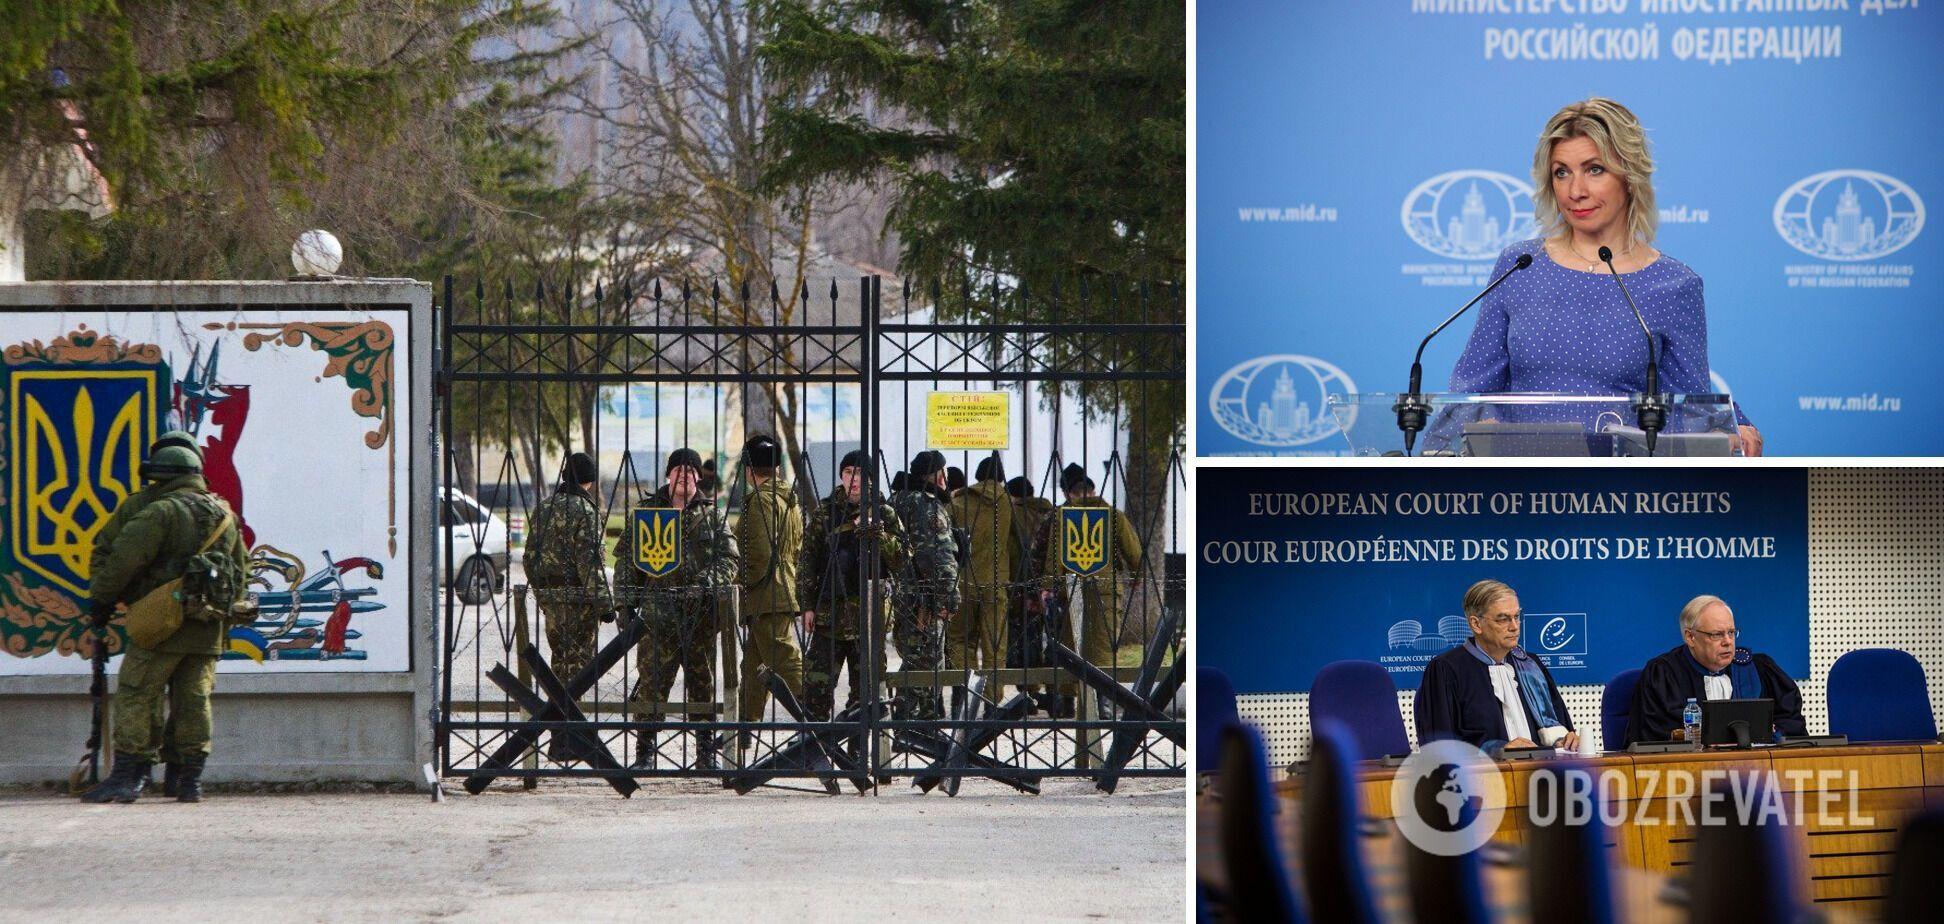 Первый отказ ЕСПЧ по жалобе на Украину: мир и Россия живут в разных реальностях